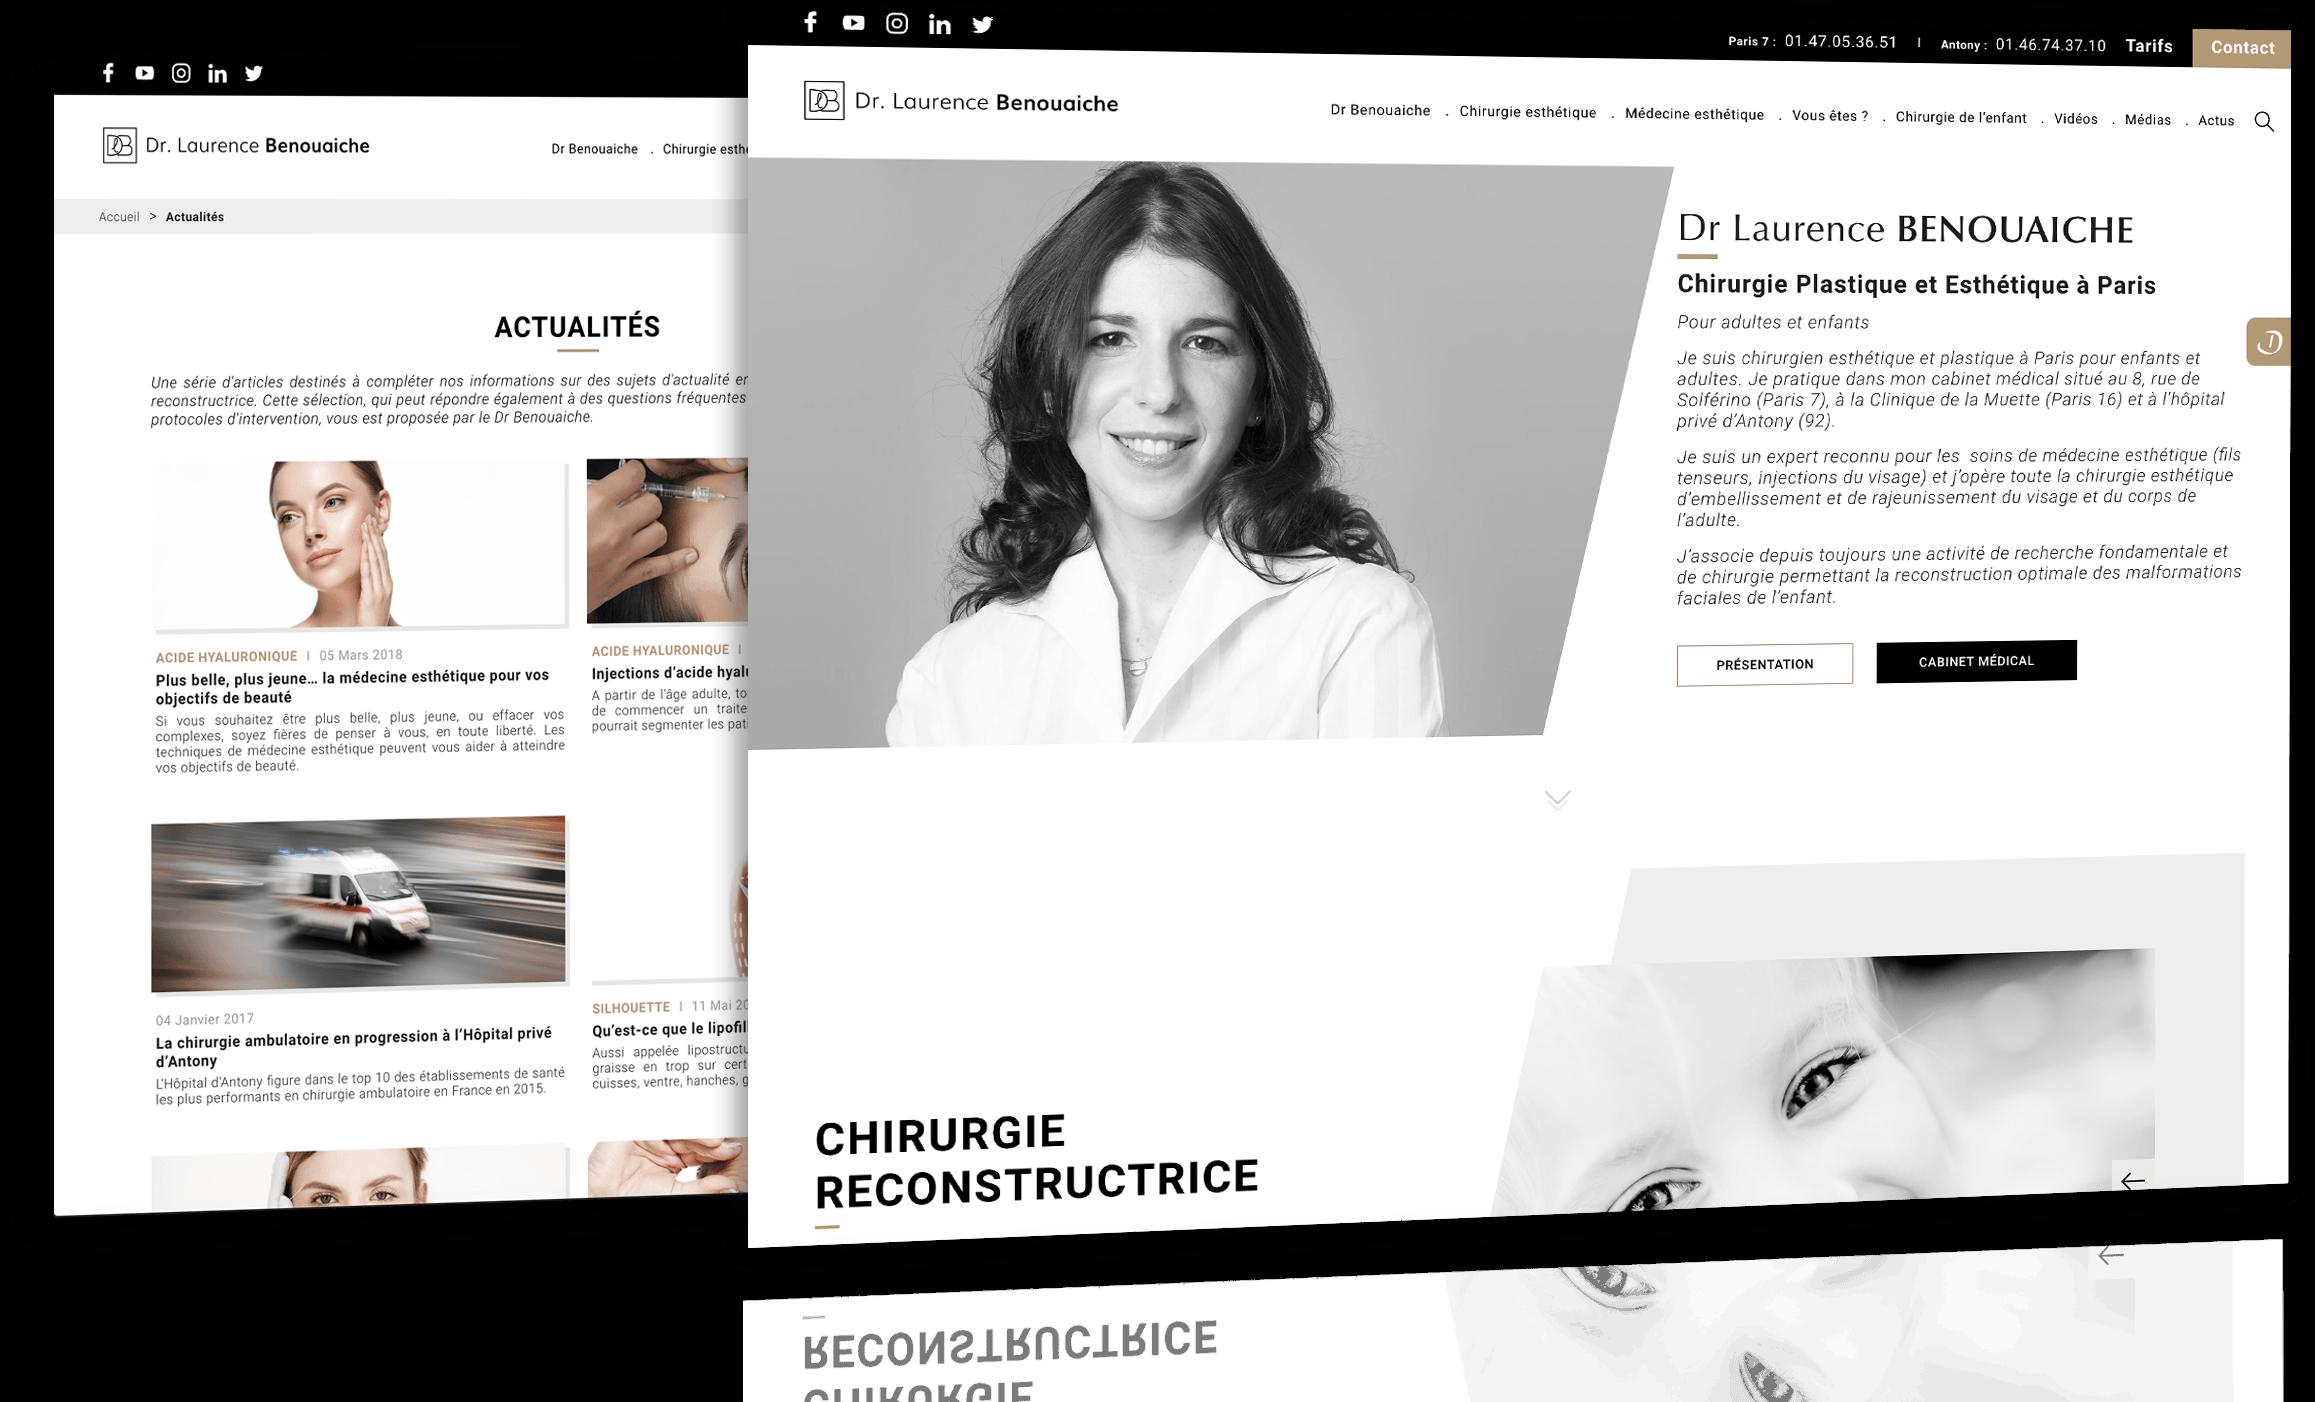 Site du Dr Benouaiche réalisé par Antipodes Medical, Agence Communication Santé